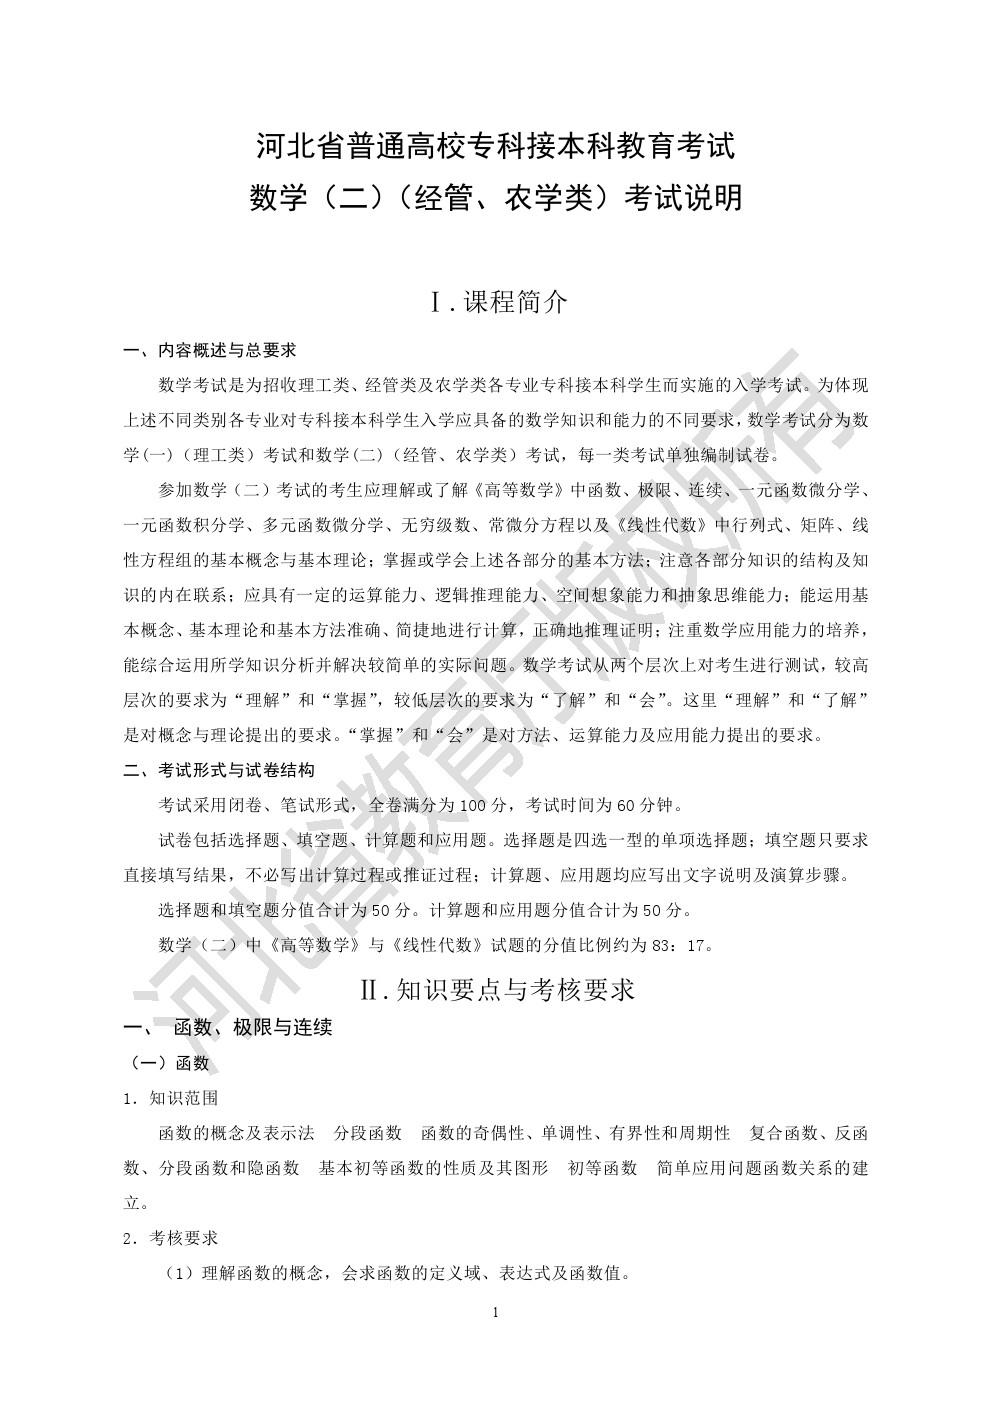 2020年河北省专接本考试公共课-数学(二)考试说明